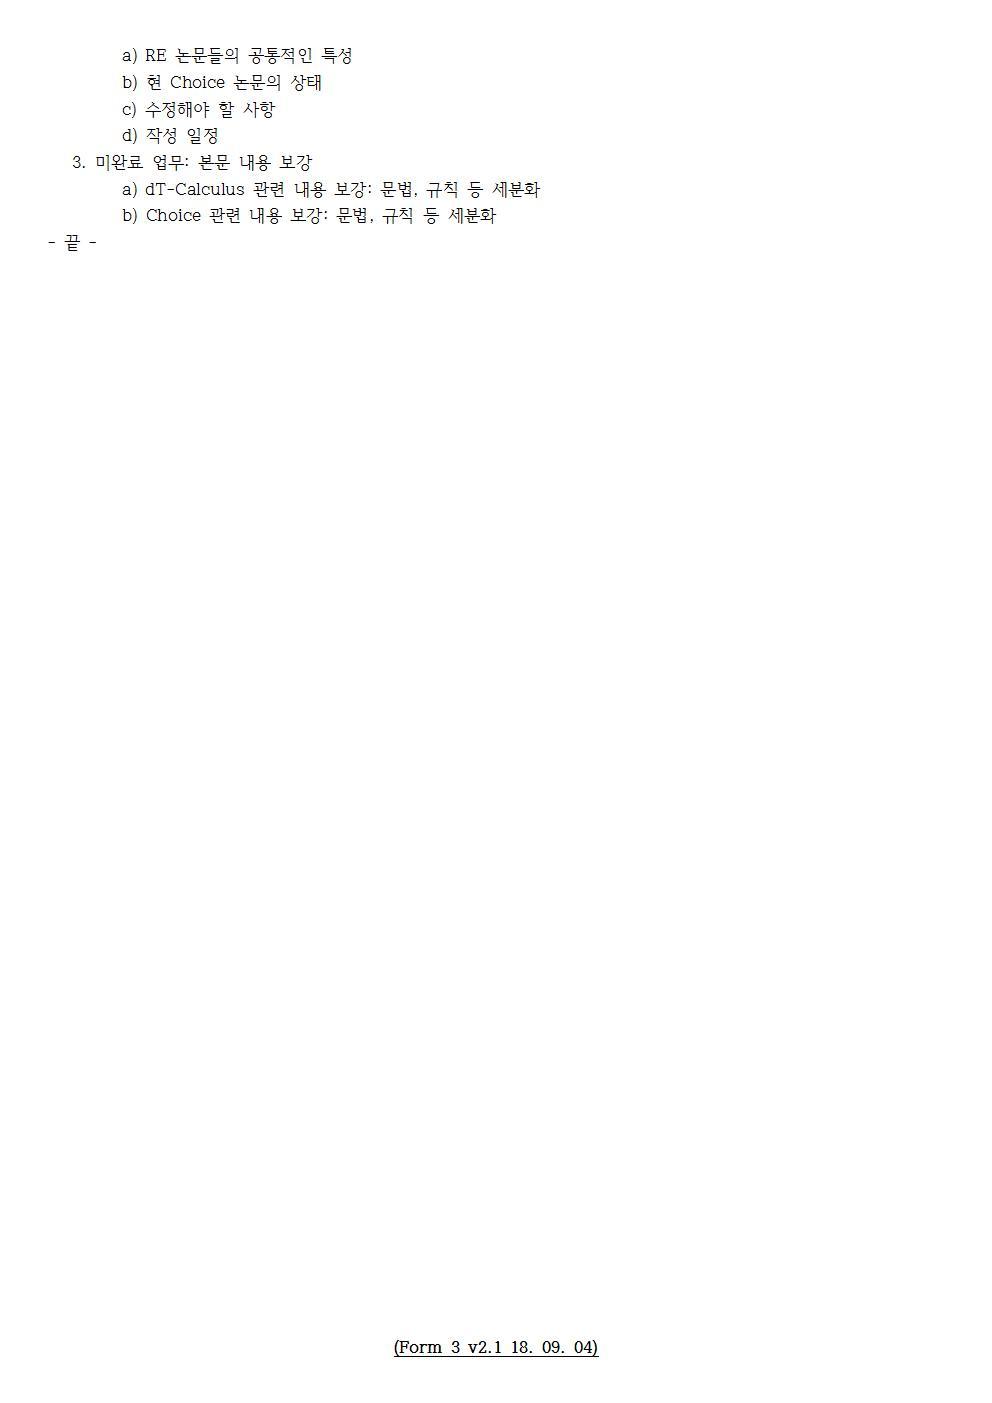 D-[18-009-PP-03]-[Choice]-[2018-10-04][YB]002.jpg